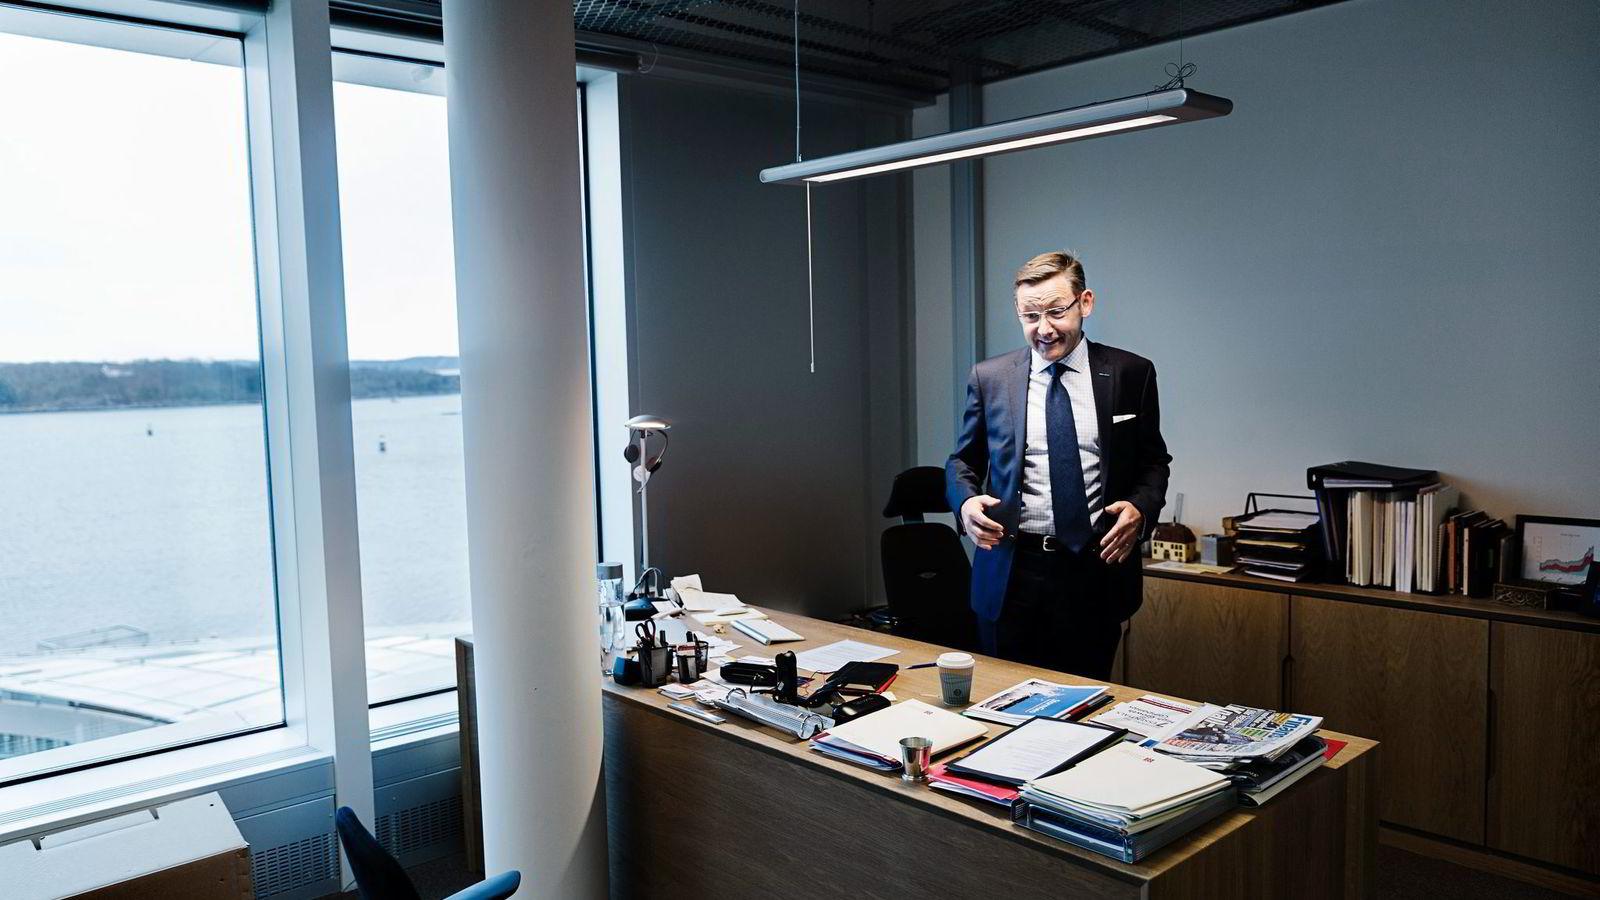 SJOKK. Styreleder Erik Langaker fotelller at de 50 ansatte meteorologene fikk sjokk da de skjønte hvor rike de plutselig er blitt. Han har selv verdier for 50-60 mill.